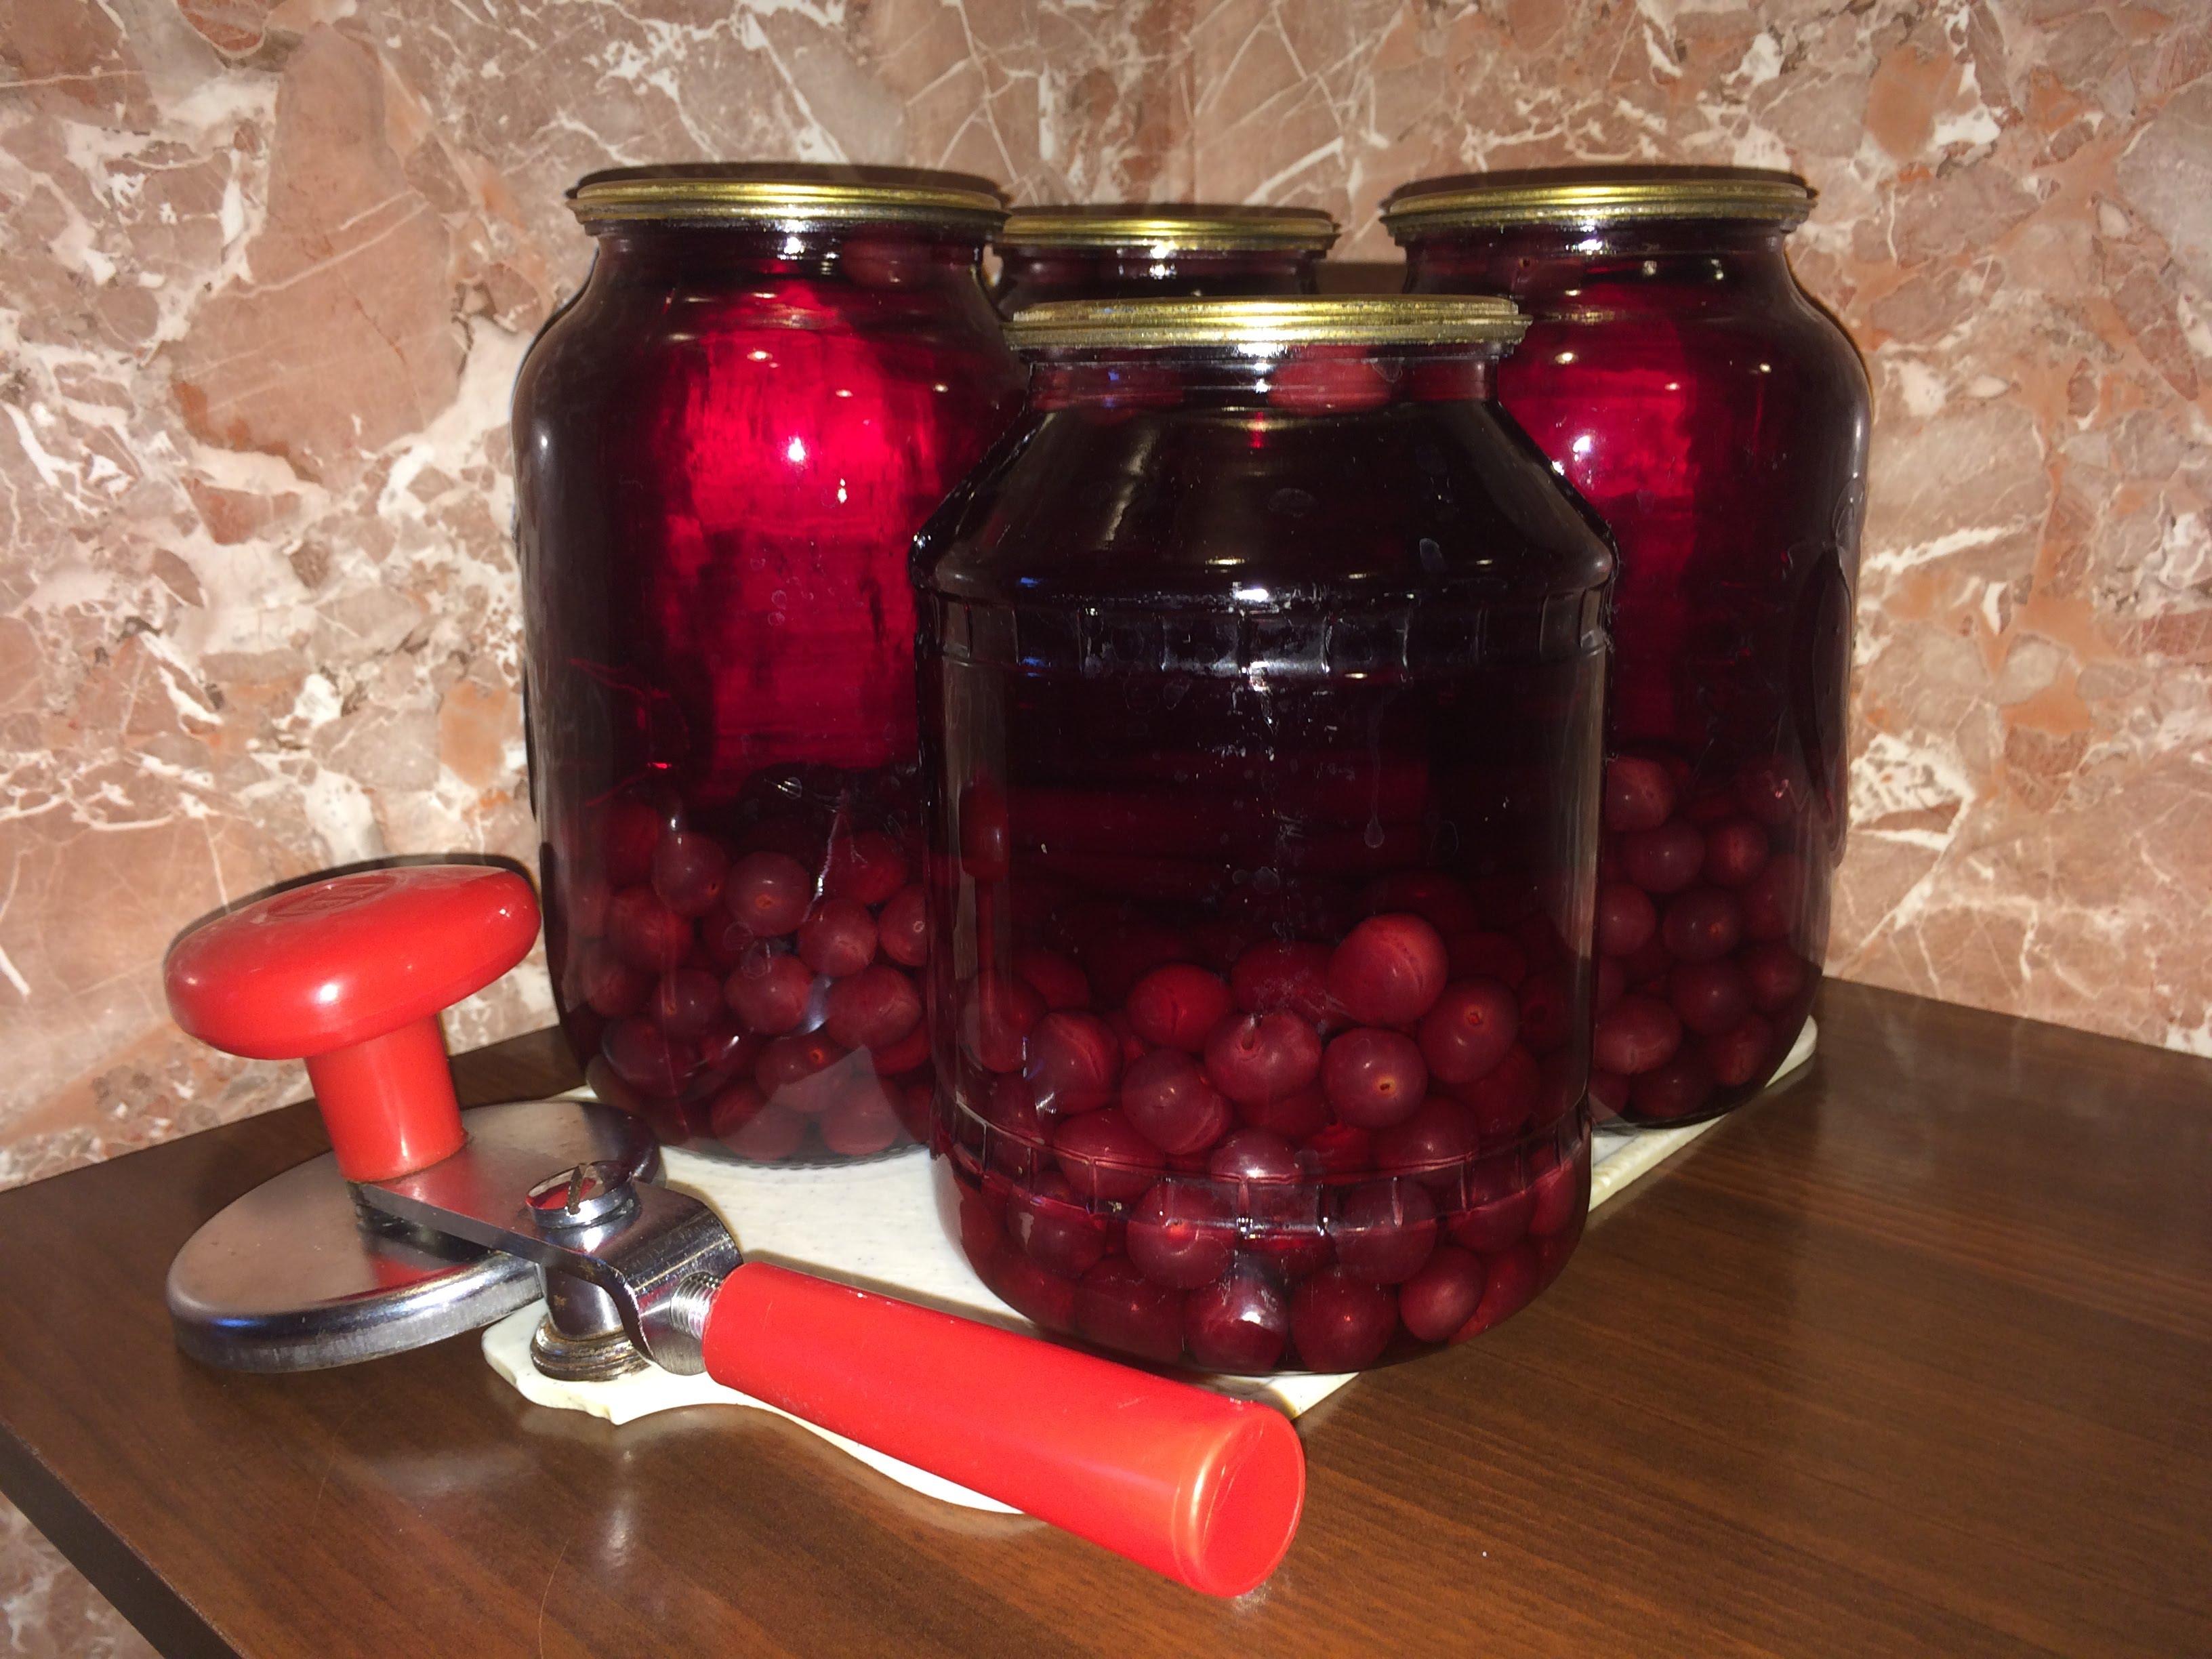 Компоты на зиму из ягод и фруктов. Рецепты компотов из яблок